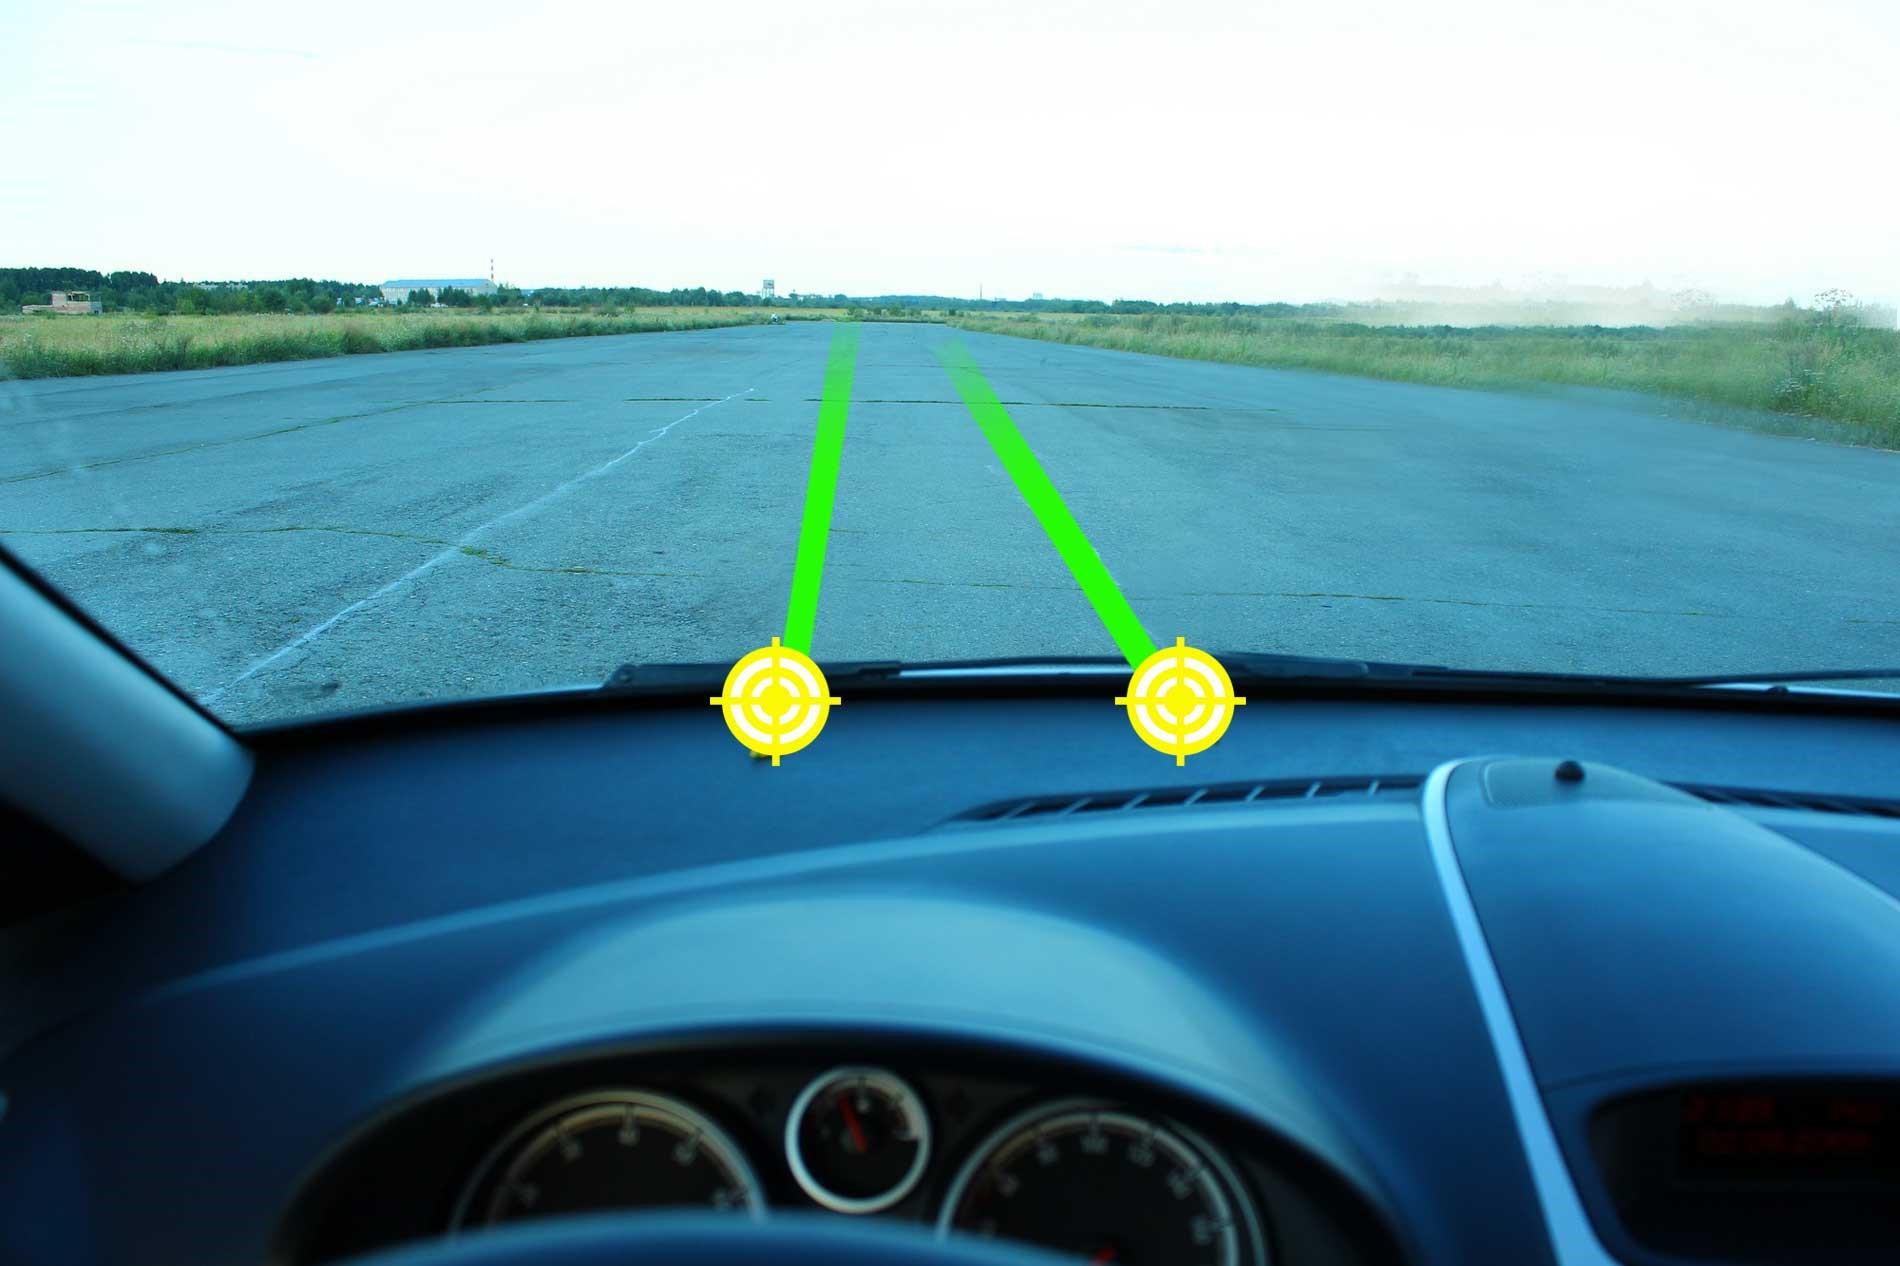 рады Вам как быстро привыкнуть к габаритам автомобиля качественное финское белье